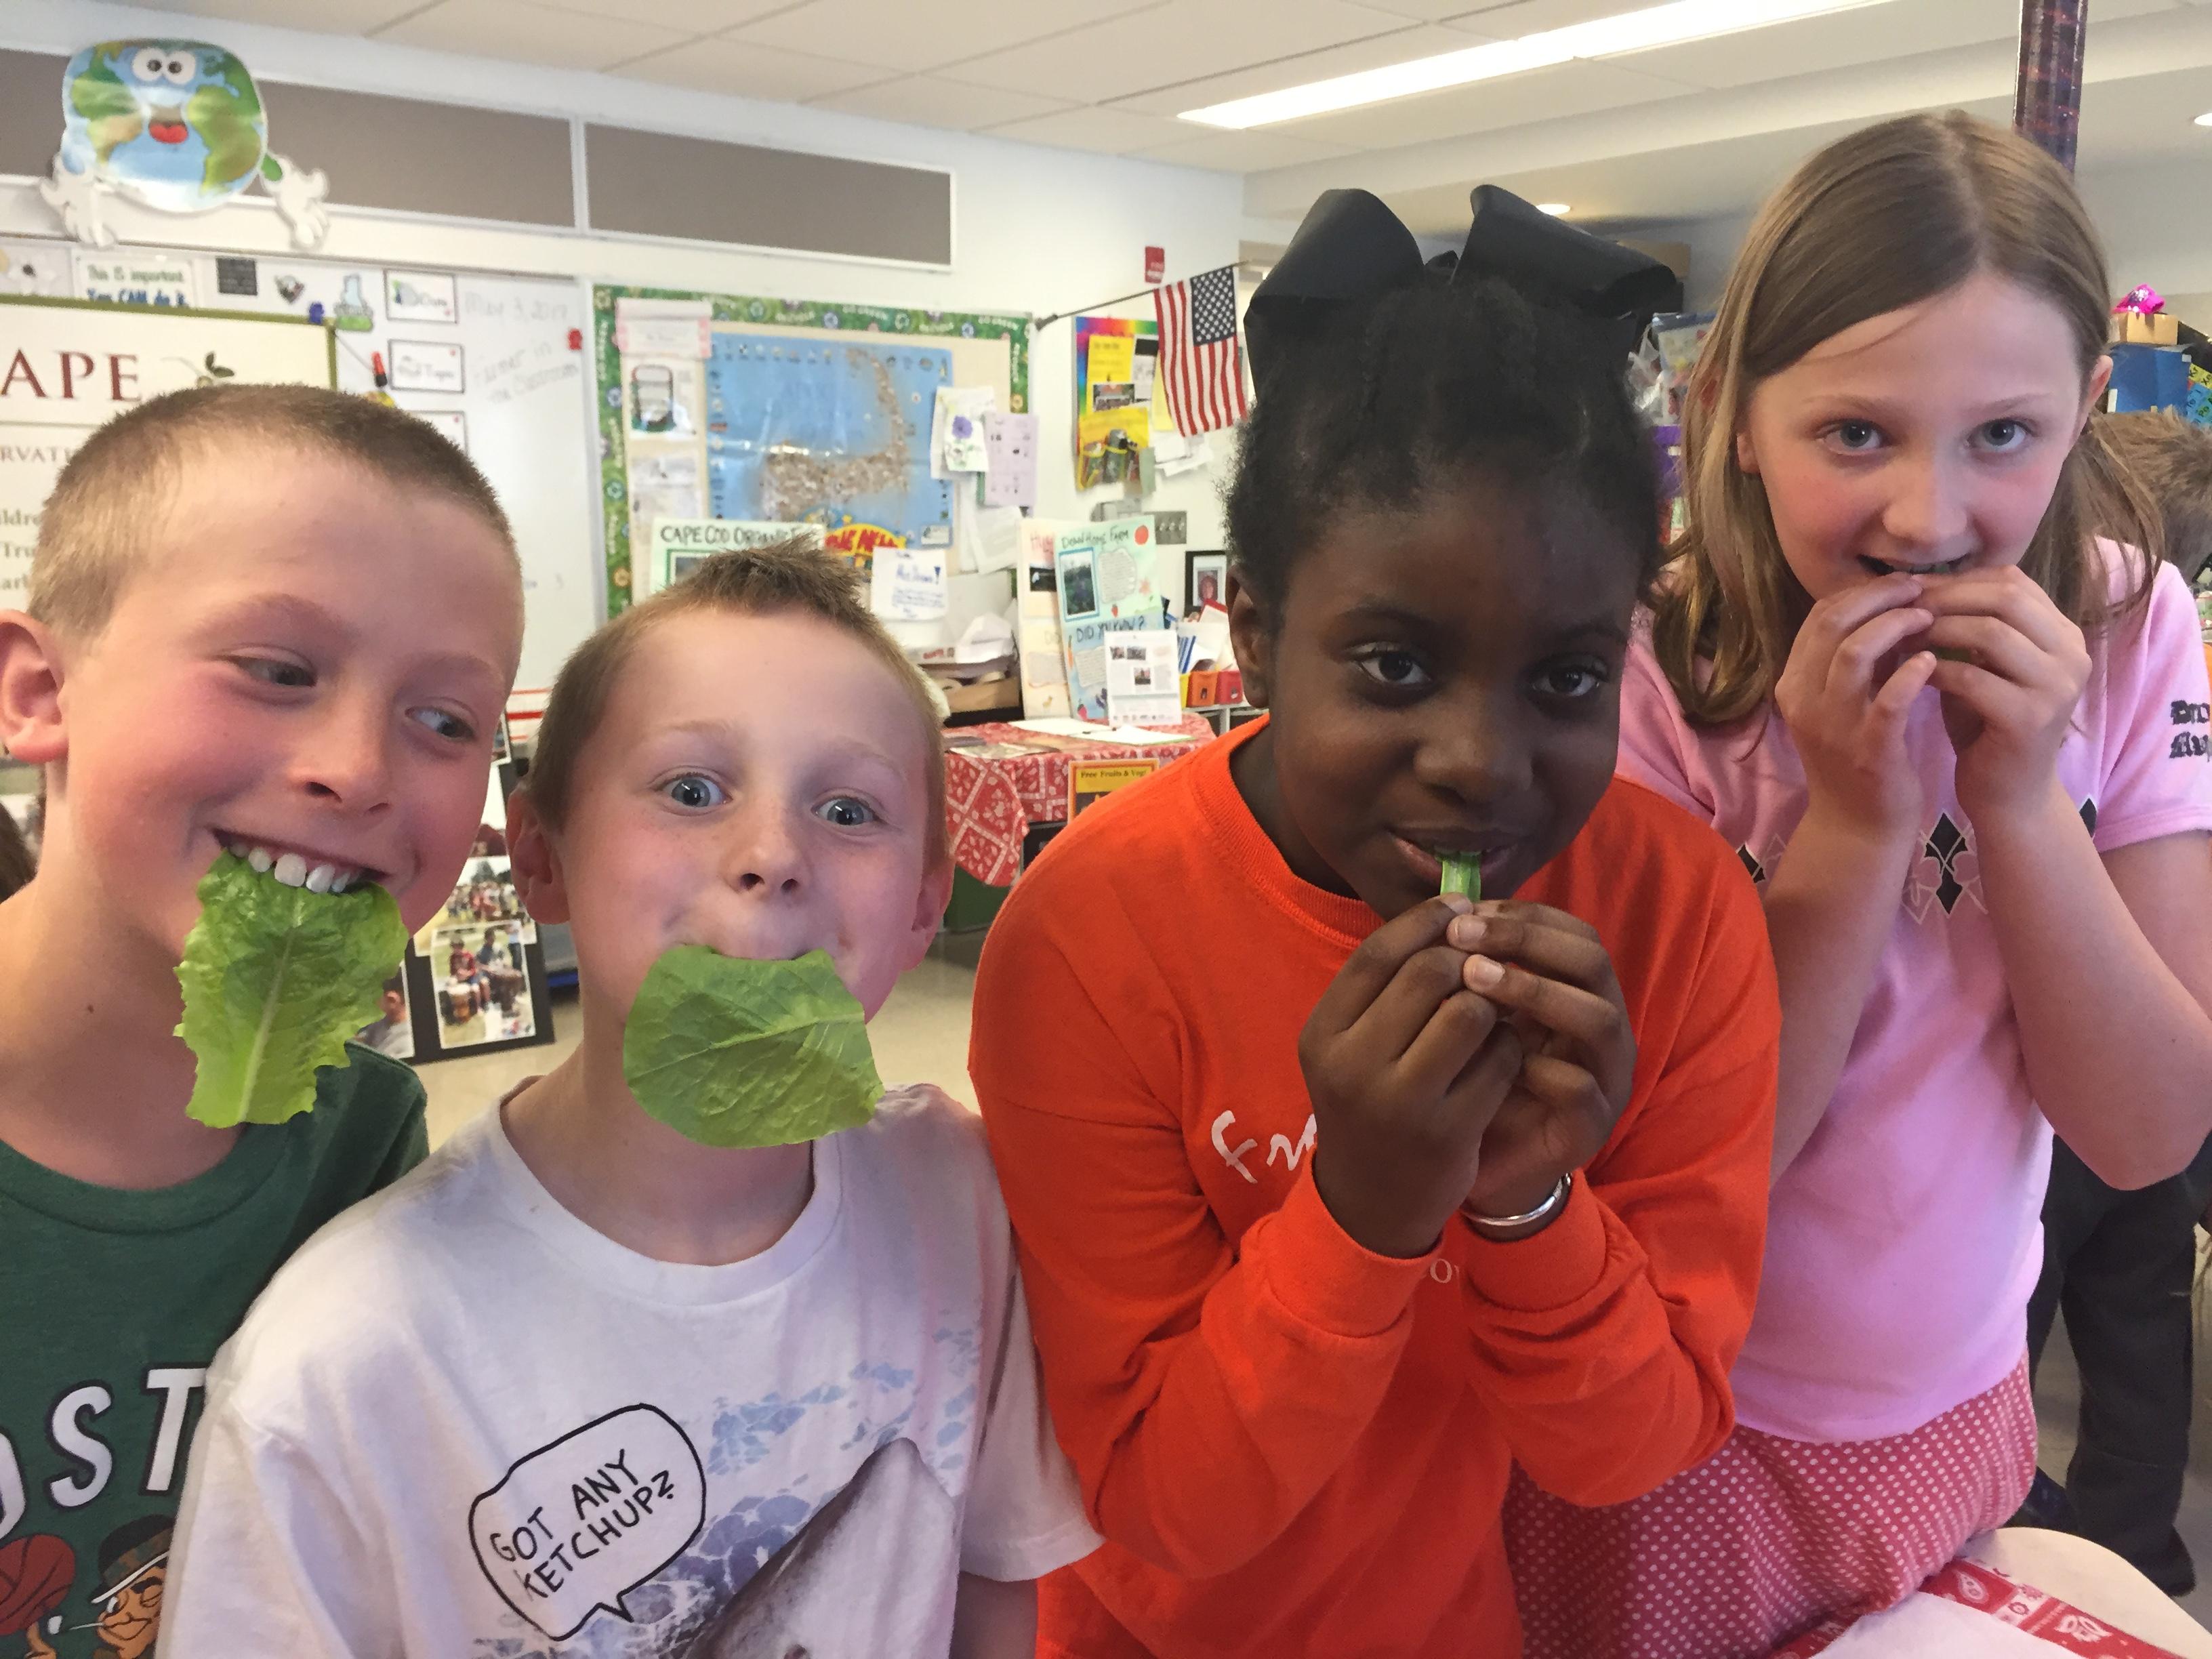 Kids eating lettuce